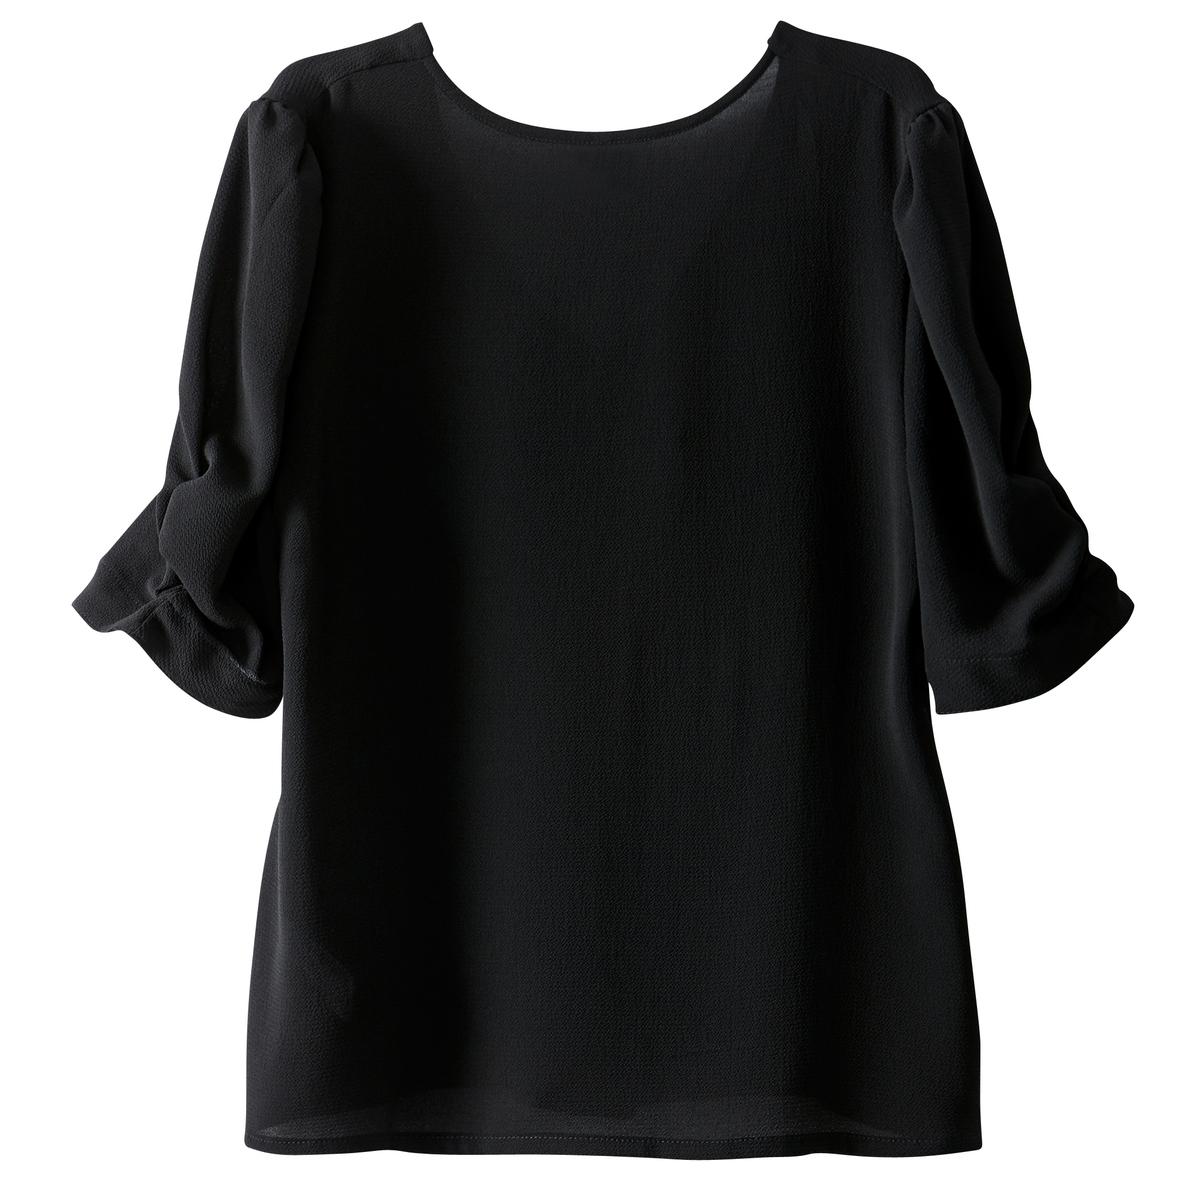 Блузка с вырезом сзади, рукава с плиссировкой